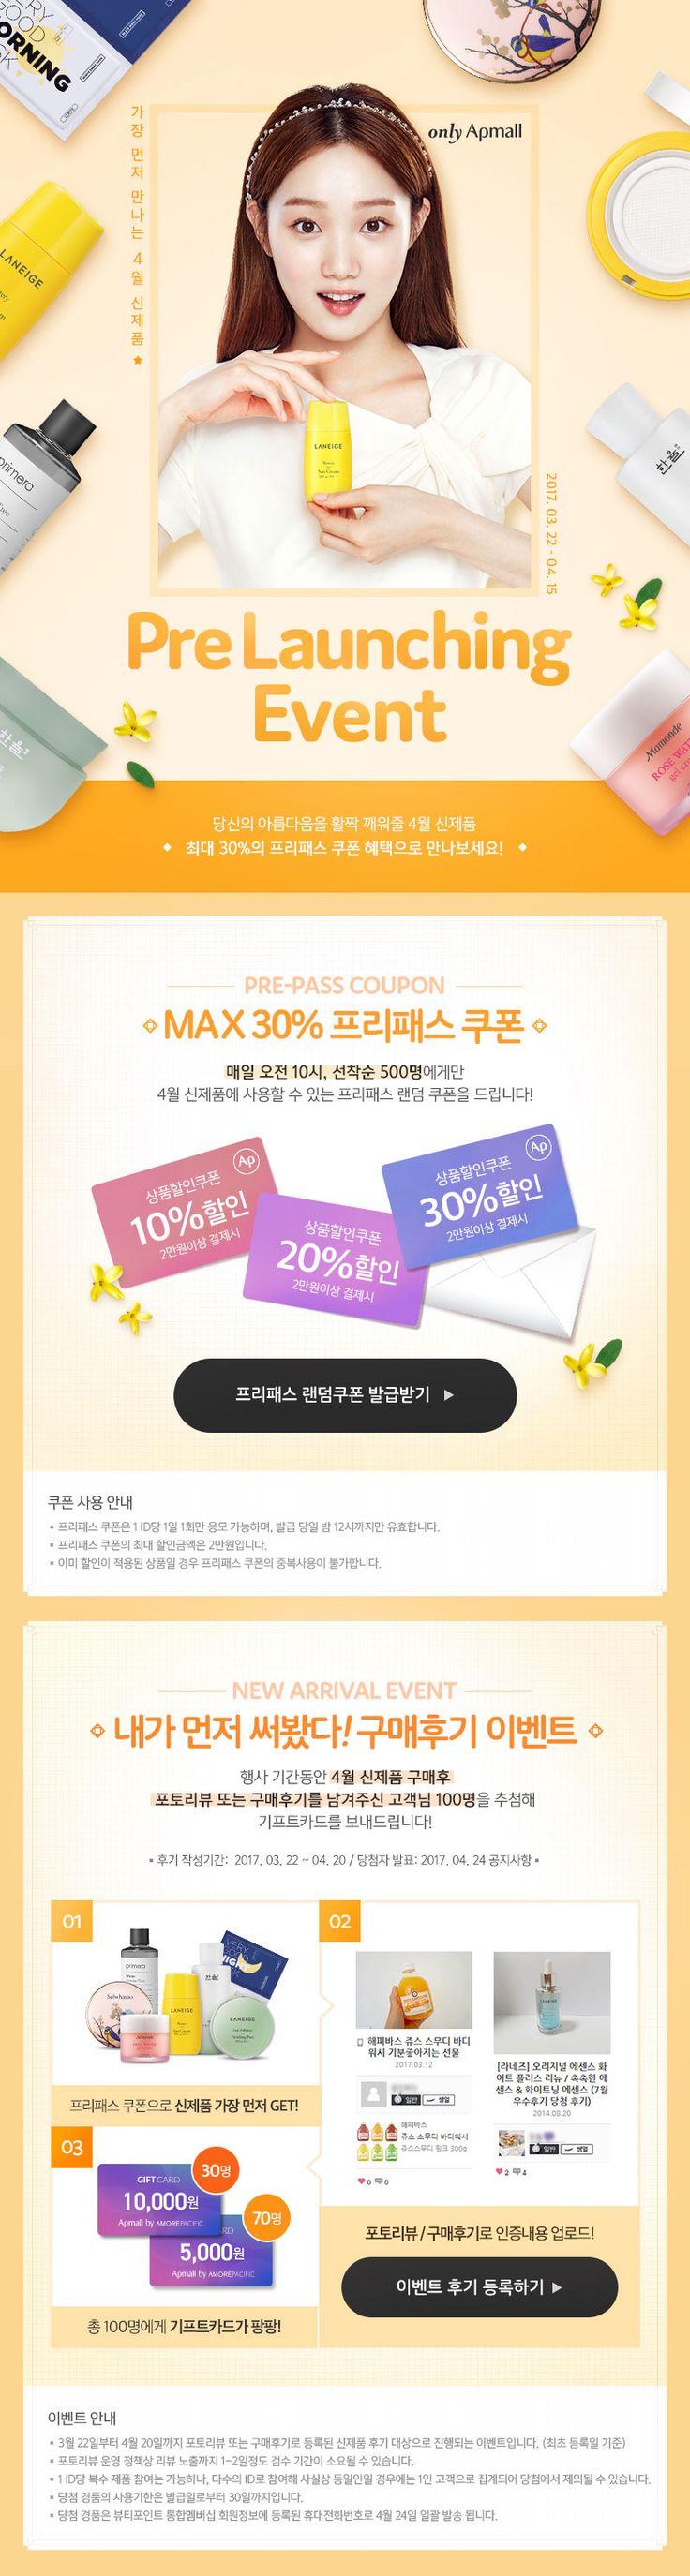 흰감국 광채크림&어린쑥 2종 단독 선런칭! – 아모레퍼시픽 쇼핑몰